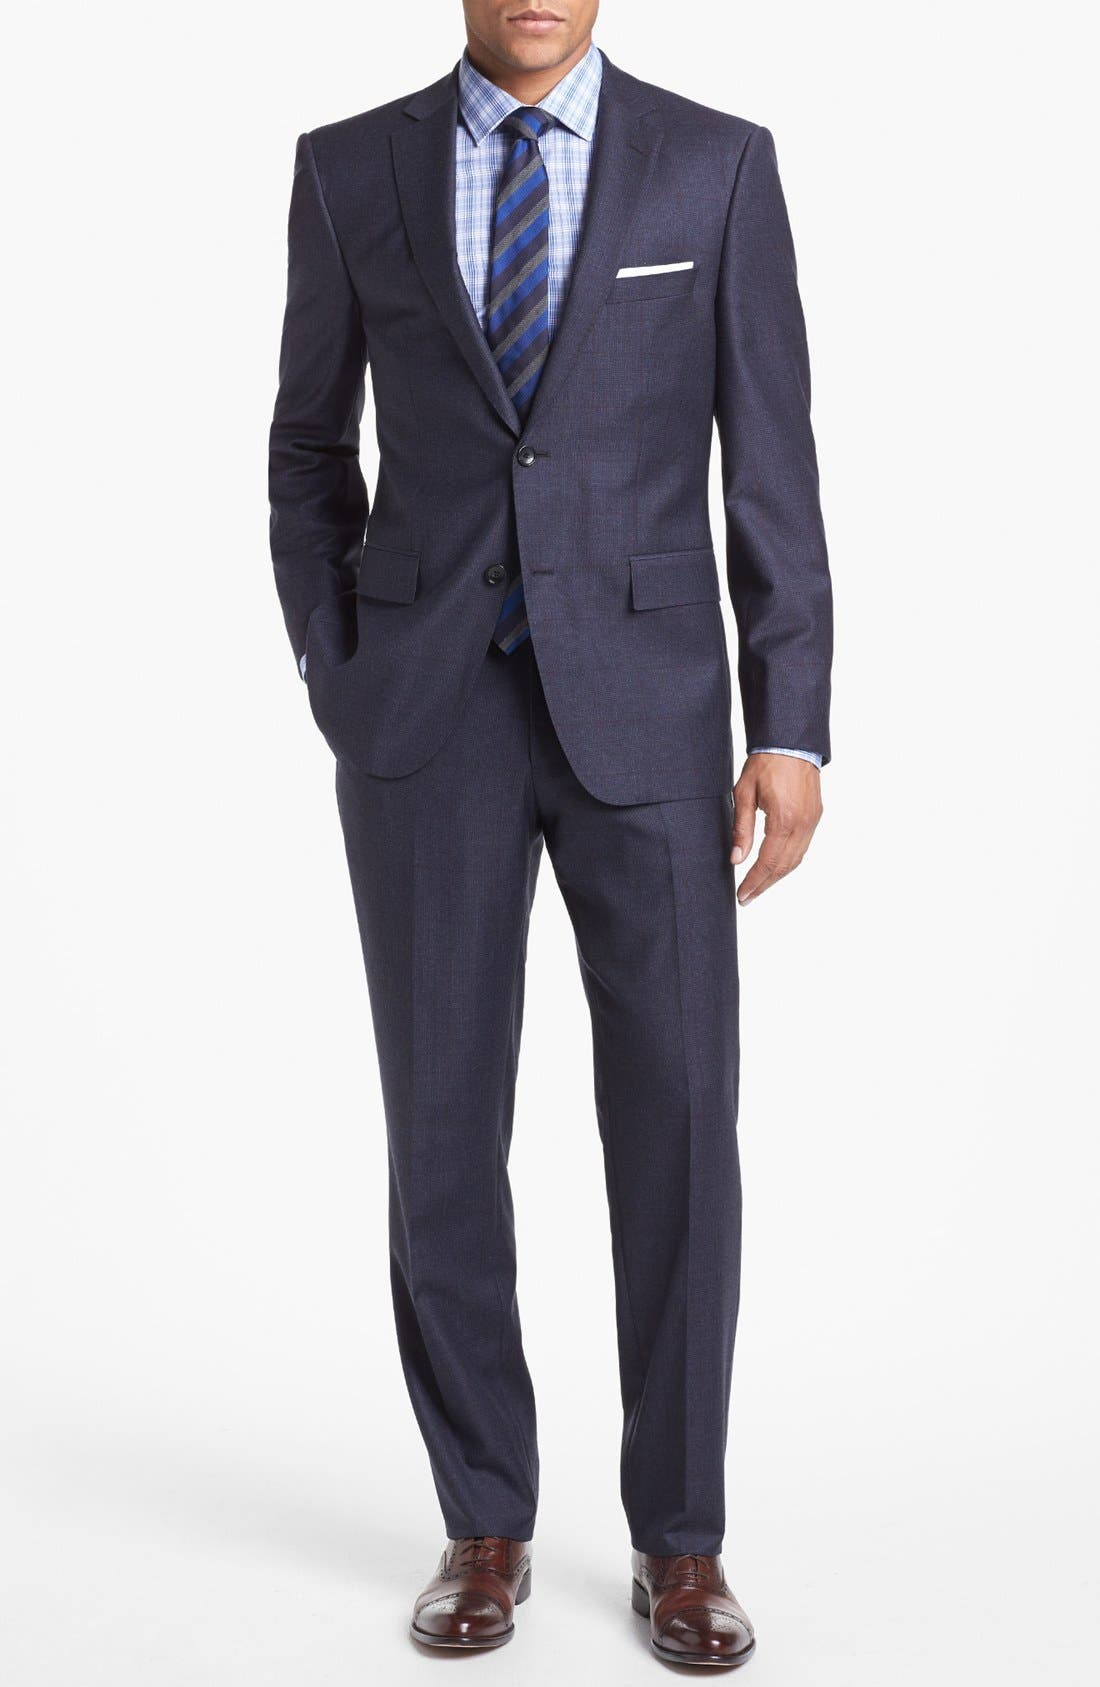 Main Image - BOSS HUGO BOSS 'Howard/Court' Trim Fit Plaid Suit